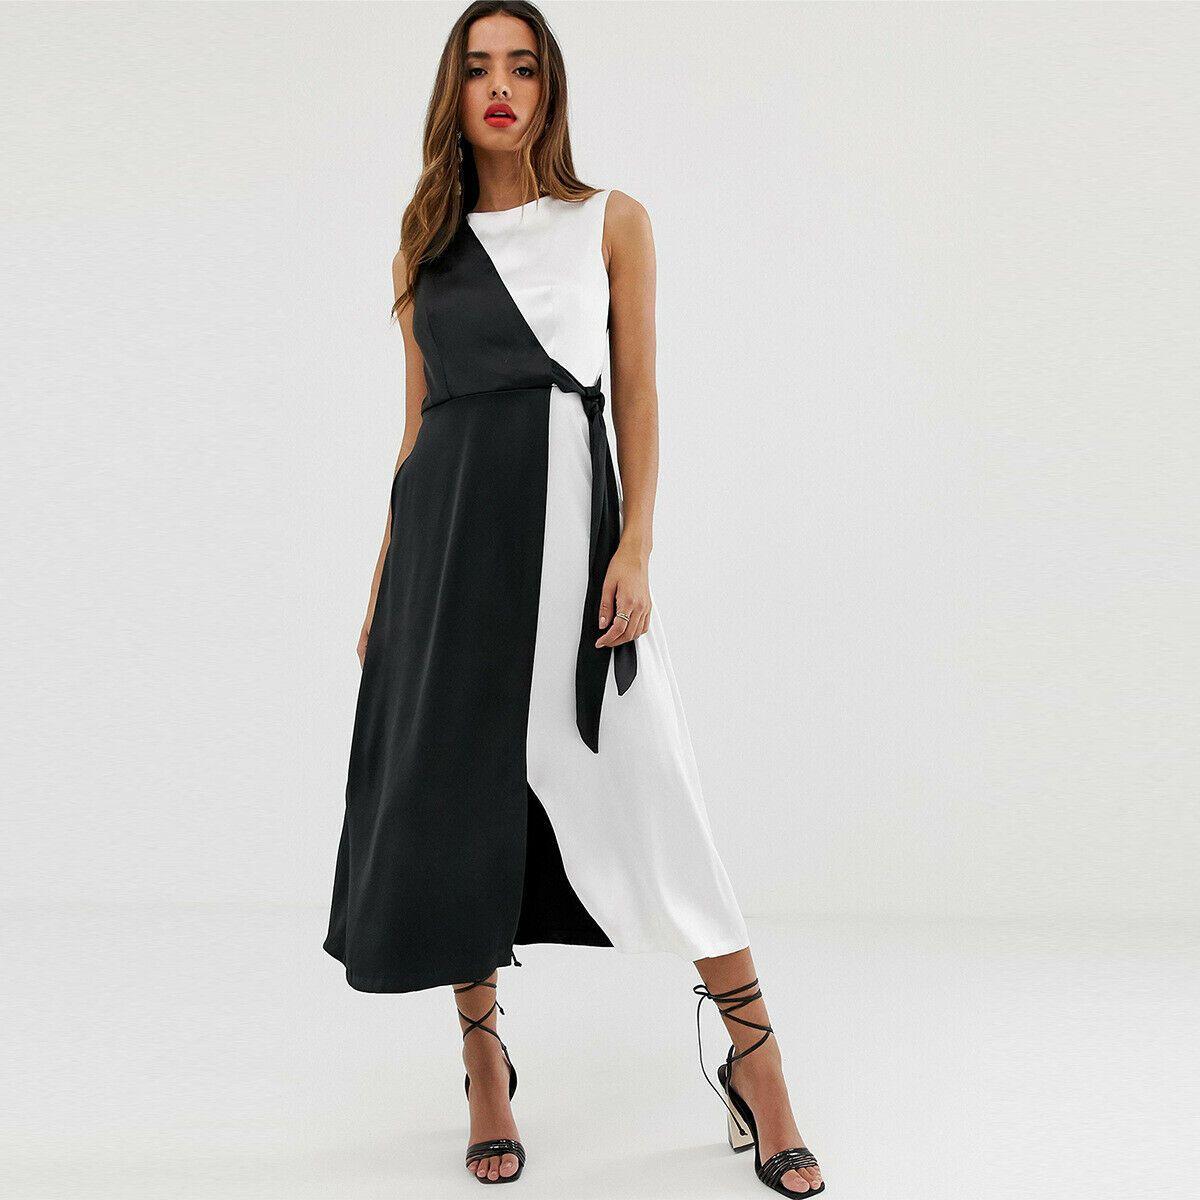 Vestiti Lunghi Eleganti Shop Online.Elegante Leggero Comodo Vestito Abito Nero Bianco Lungo Scollato